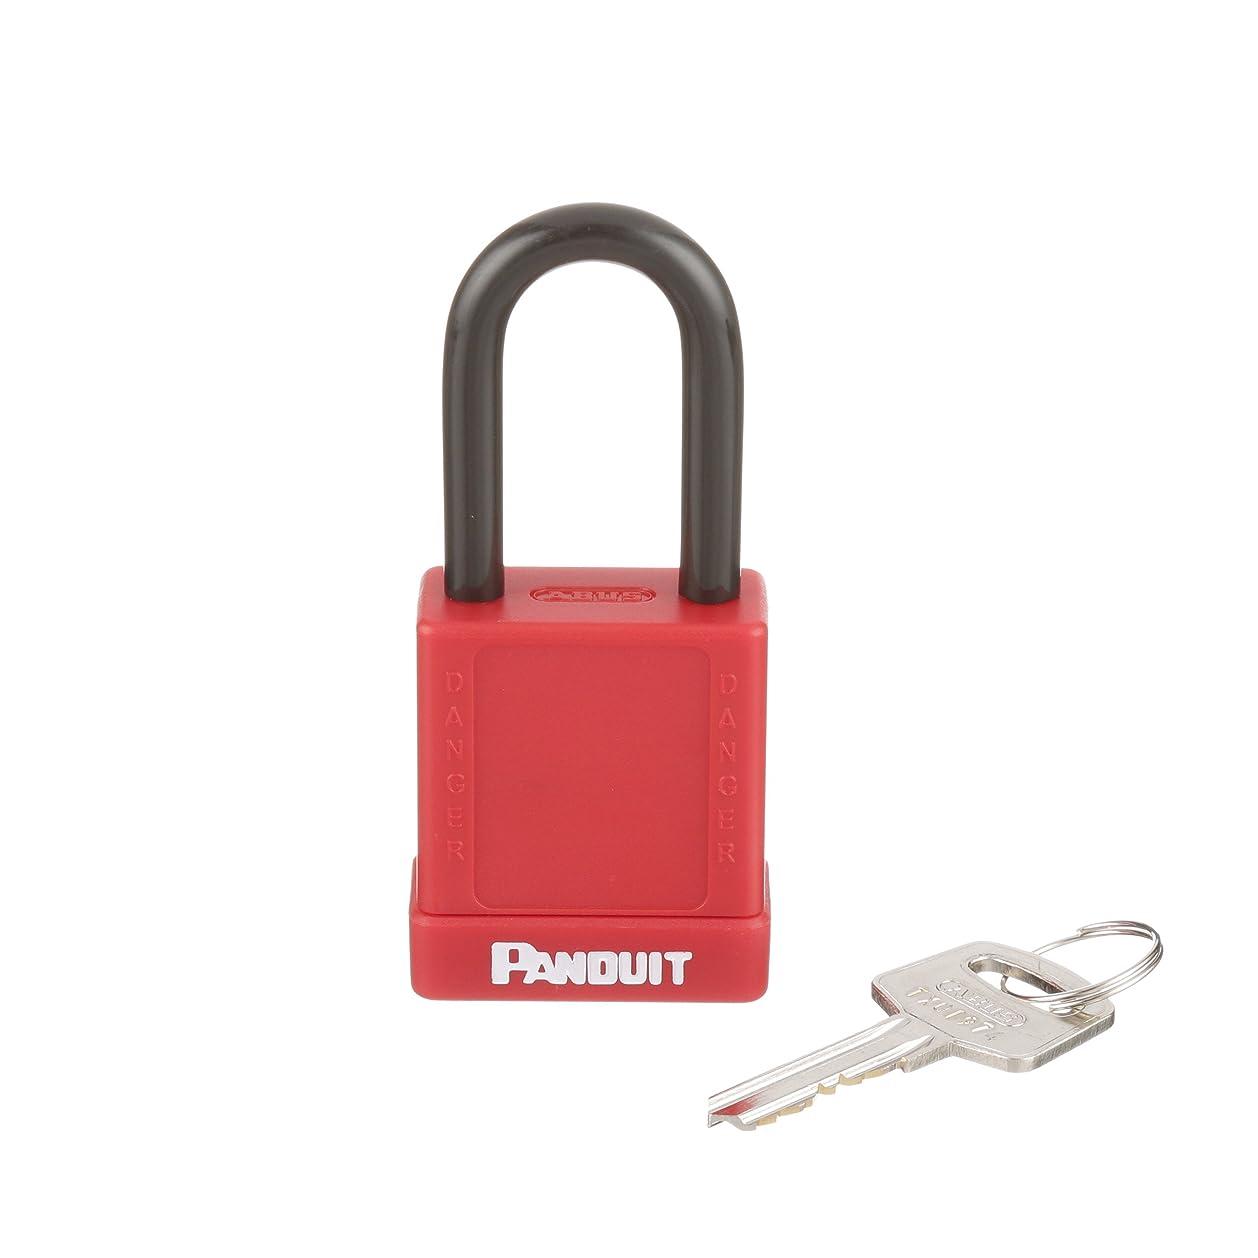 銅つま先マイクロプロセッサパンドウイット ロックアウト用非電導性パドロック(南京錠) 赤 PSL-8